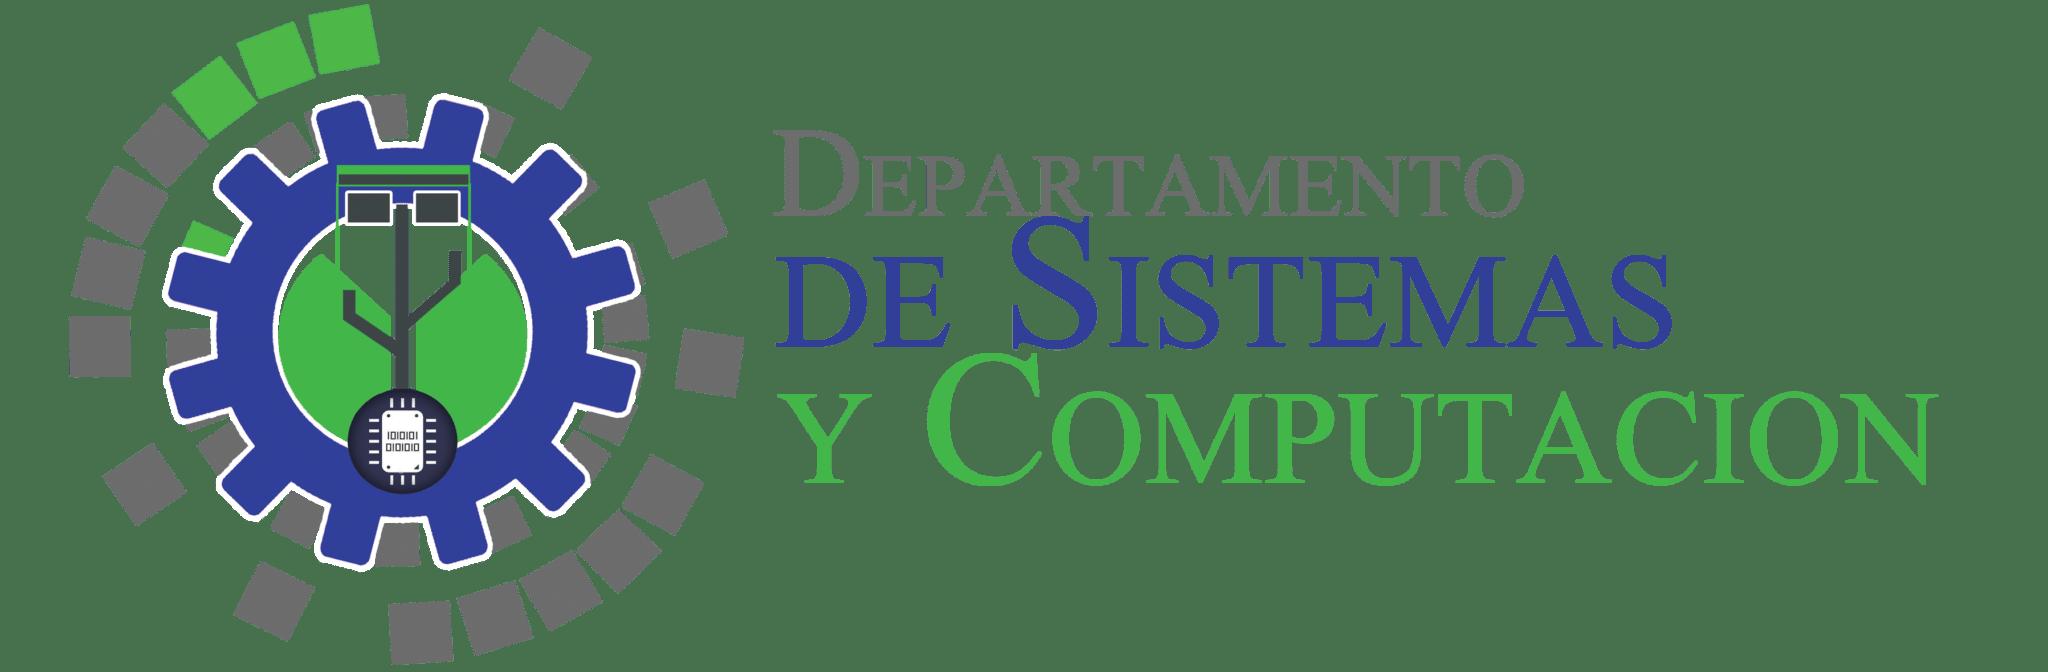 DEPARTAMENTO DE SISTEMAS Y COMPUTACION_HEADING